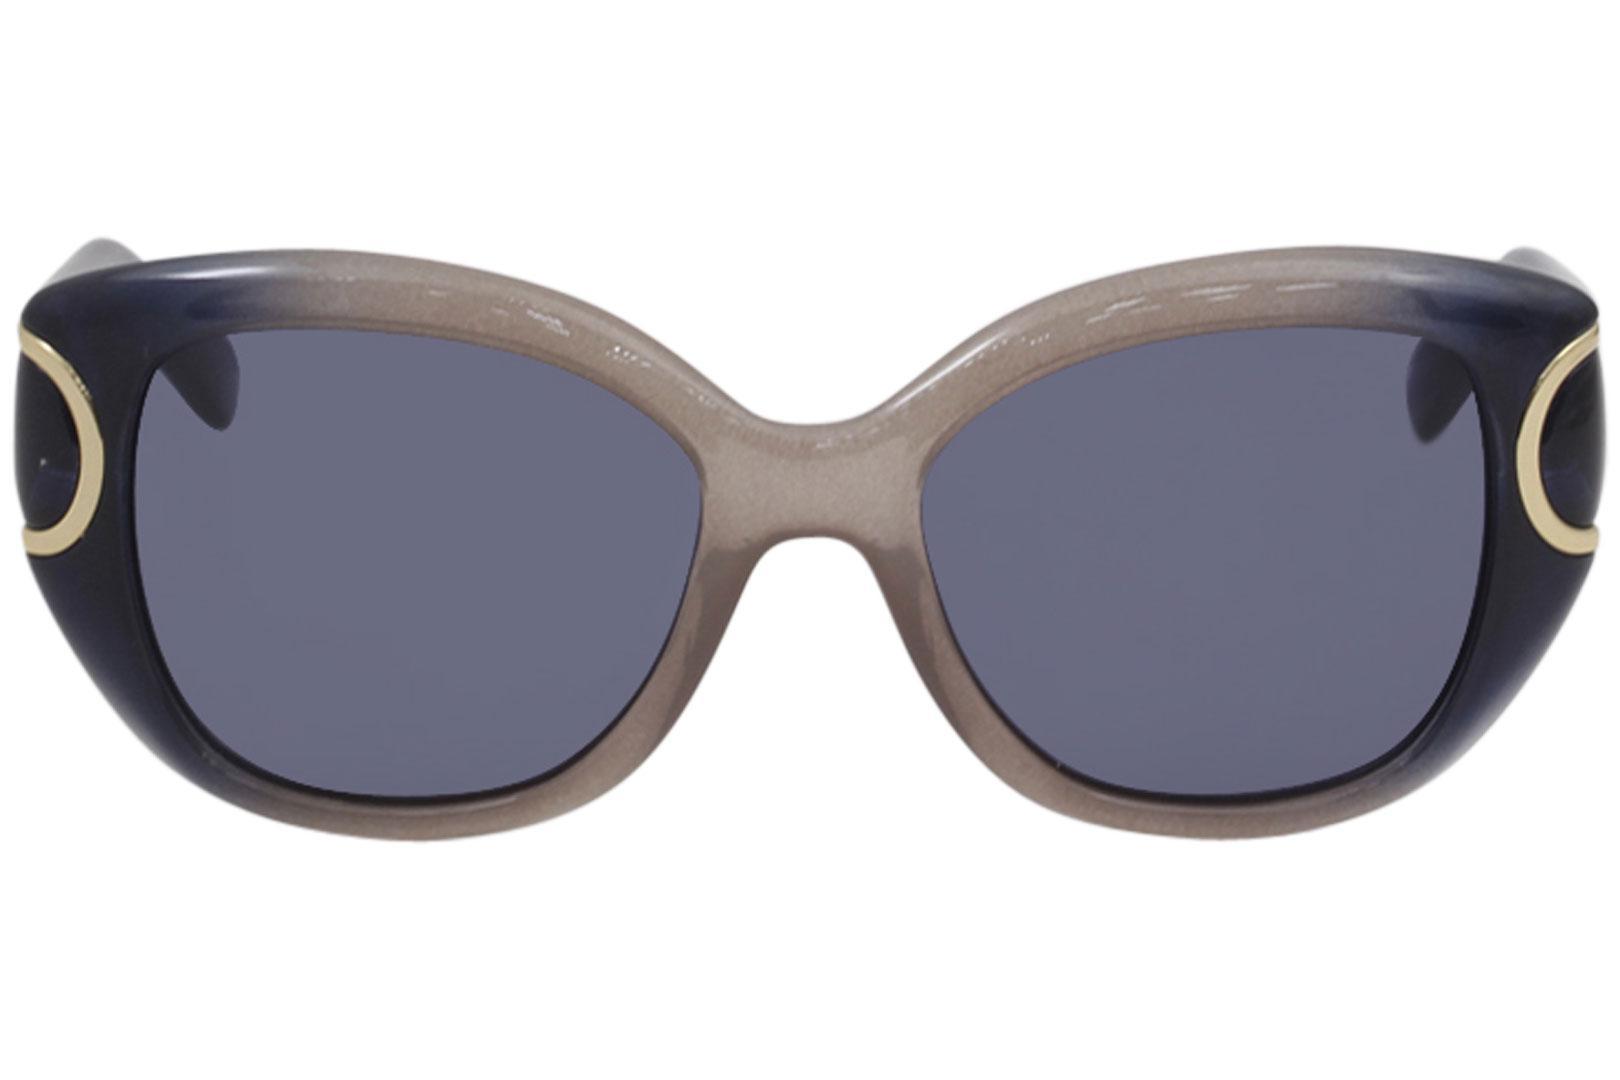 6da1a65f88d Salvatore Ferragamo Women s SF819S SF 819 S Fashion Square Sunglasses by Salvatore  Ferragamo. 12345